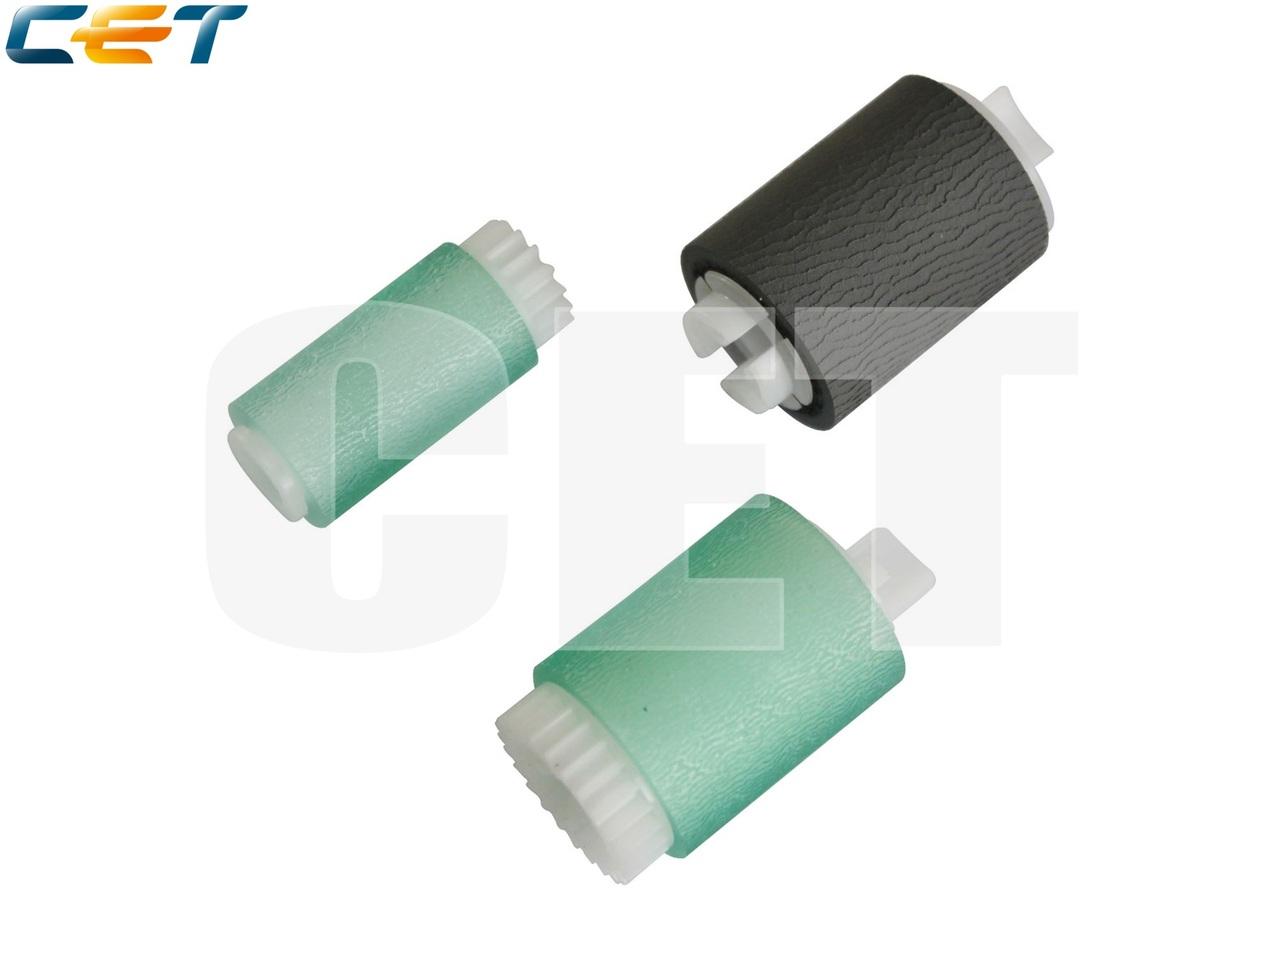 Комплект роликов FB6-3405-000, FC6-7083-000, FC6-6661-000для CANON iR ADVANCE4025/4035/4045/4051/4225/4235/4245/4251 (CET), CET6560